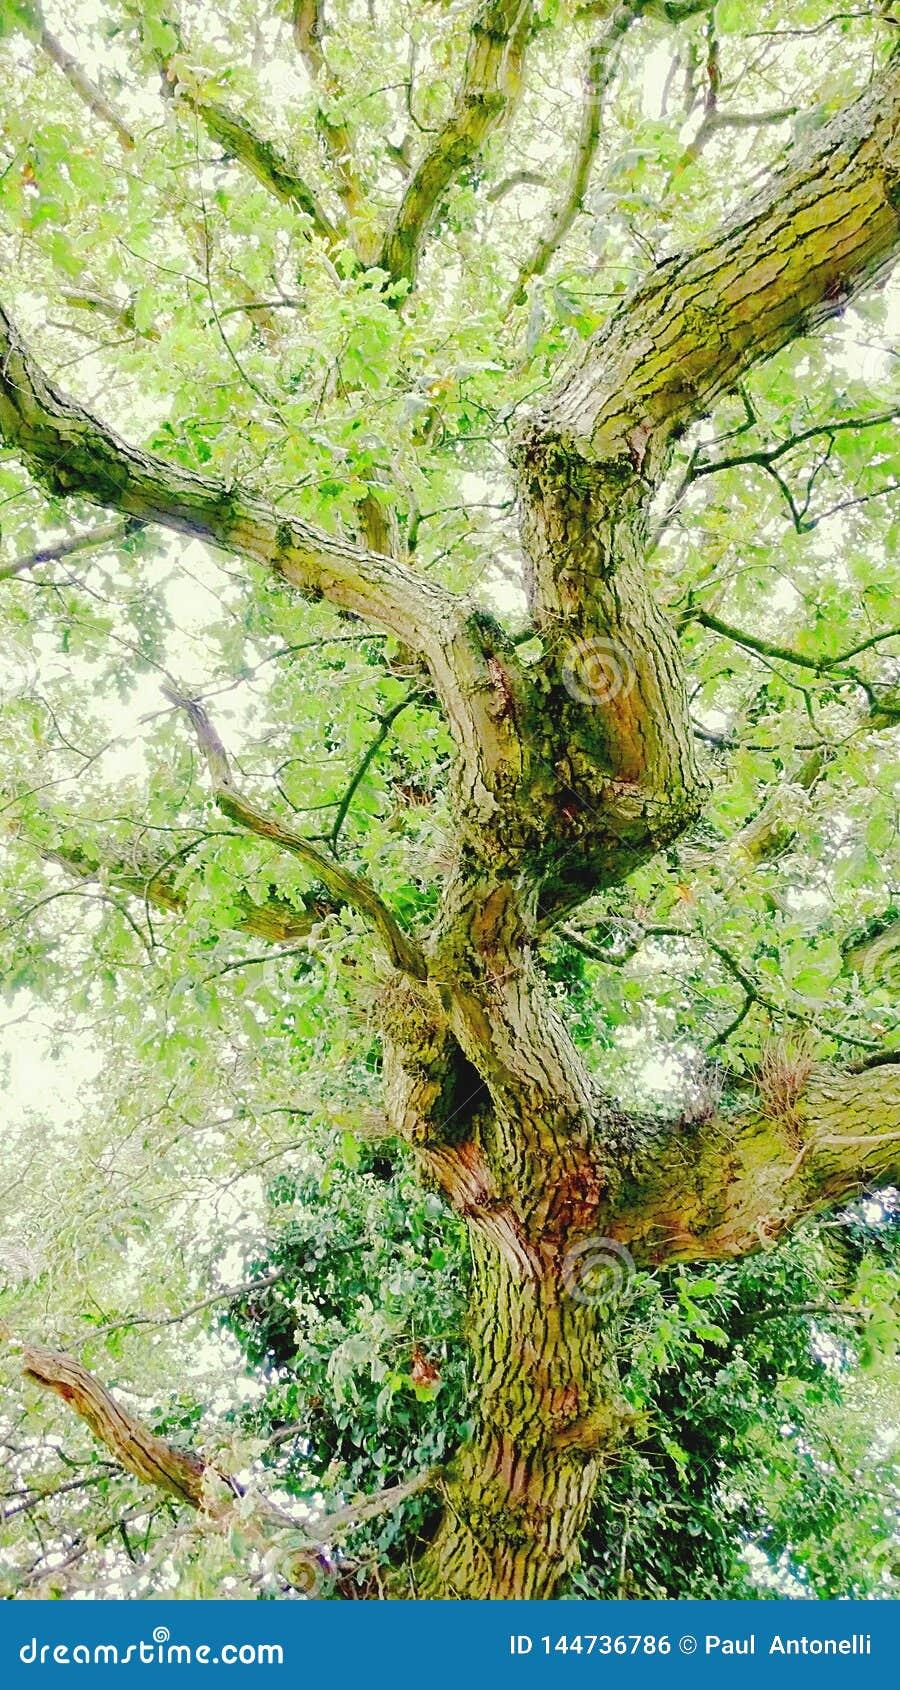 Un tronco molto twisty